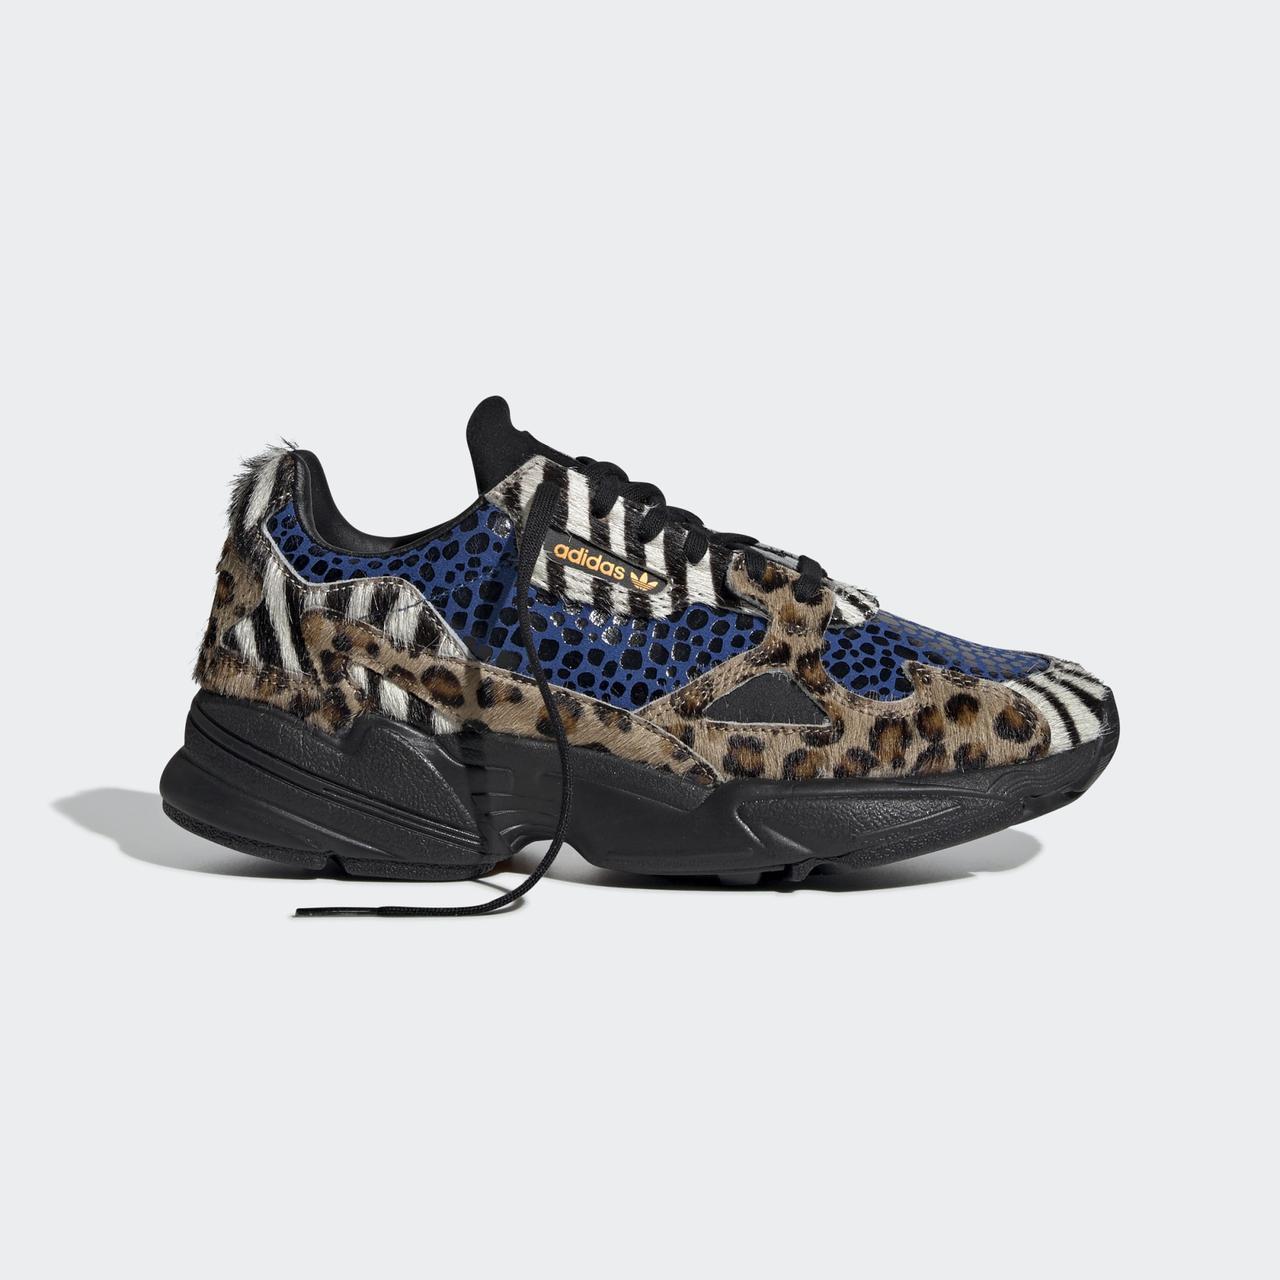 b71af51e Женские кроссовки Adidas Falcon W F37016 - 2019 - Интернет магазин Tip -  все типы товаров